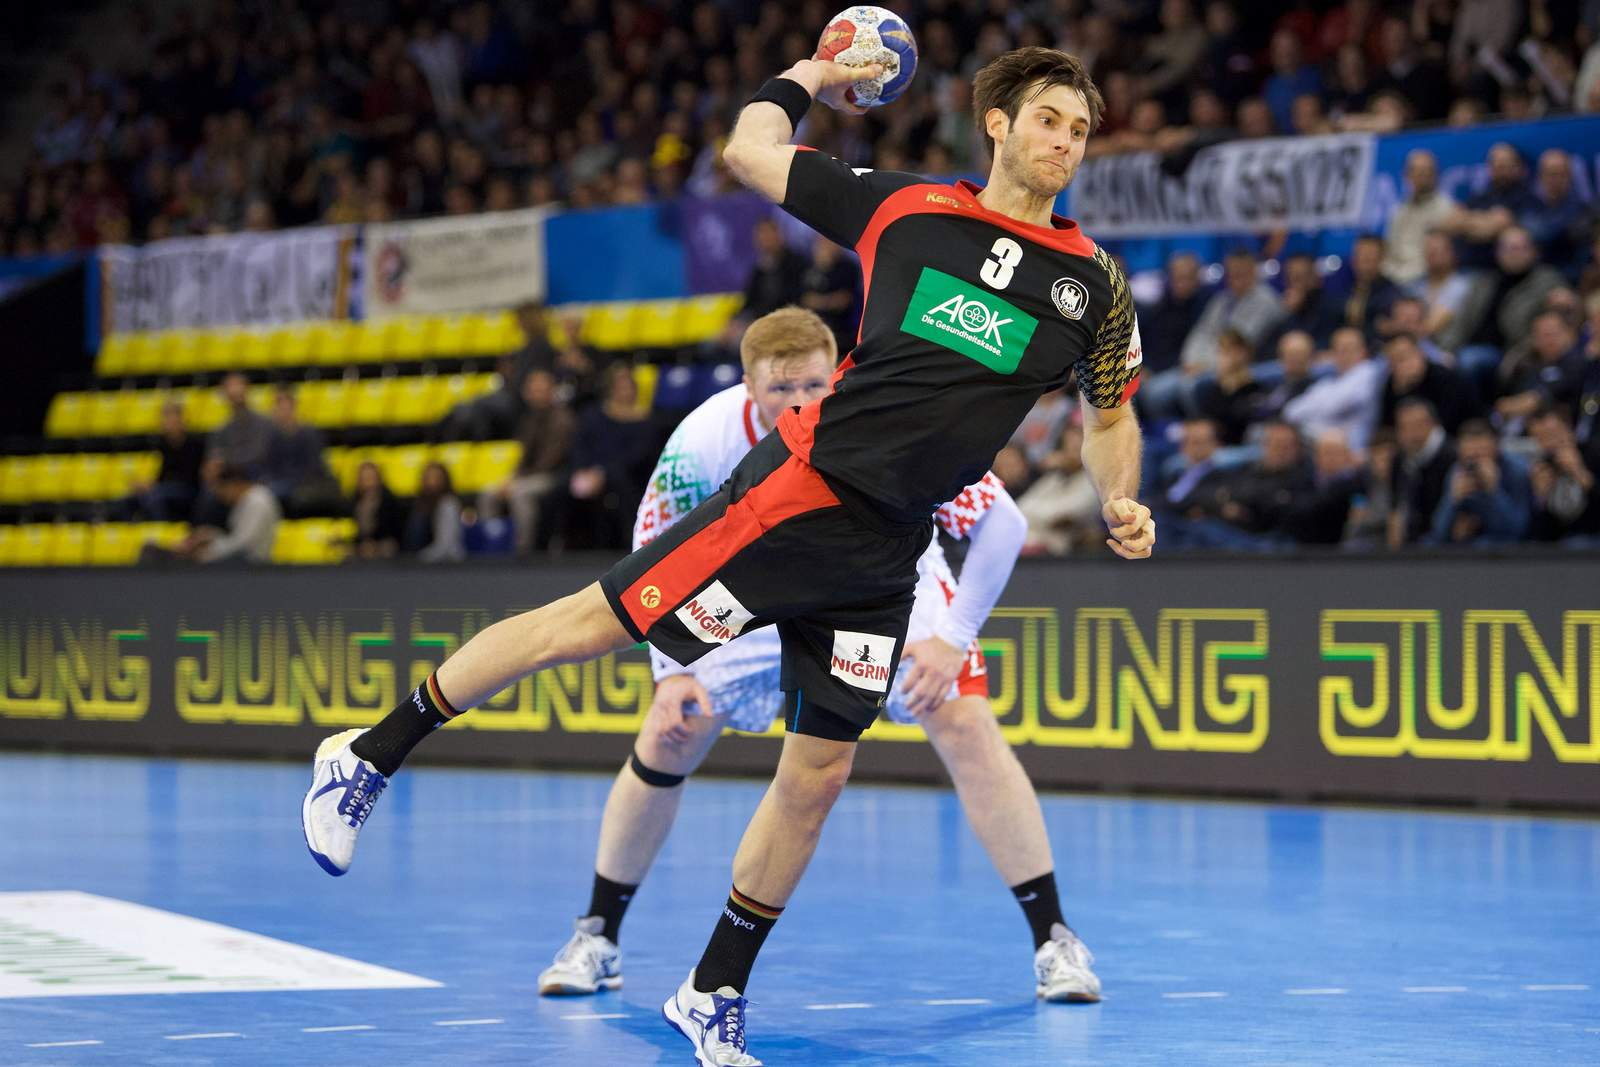 handball liga frankreich